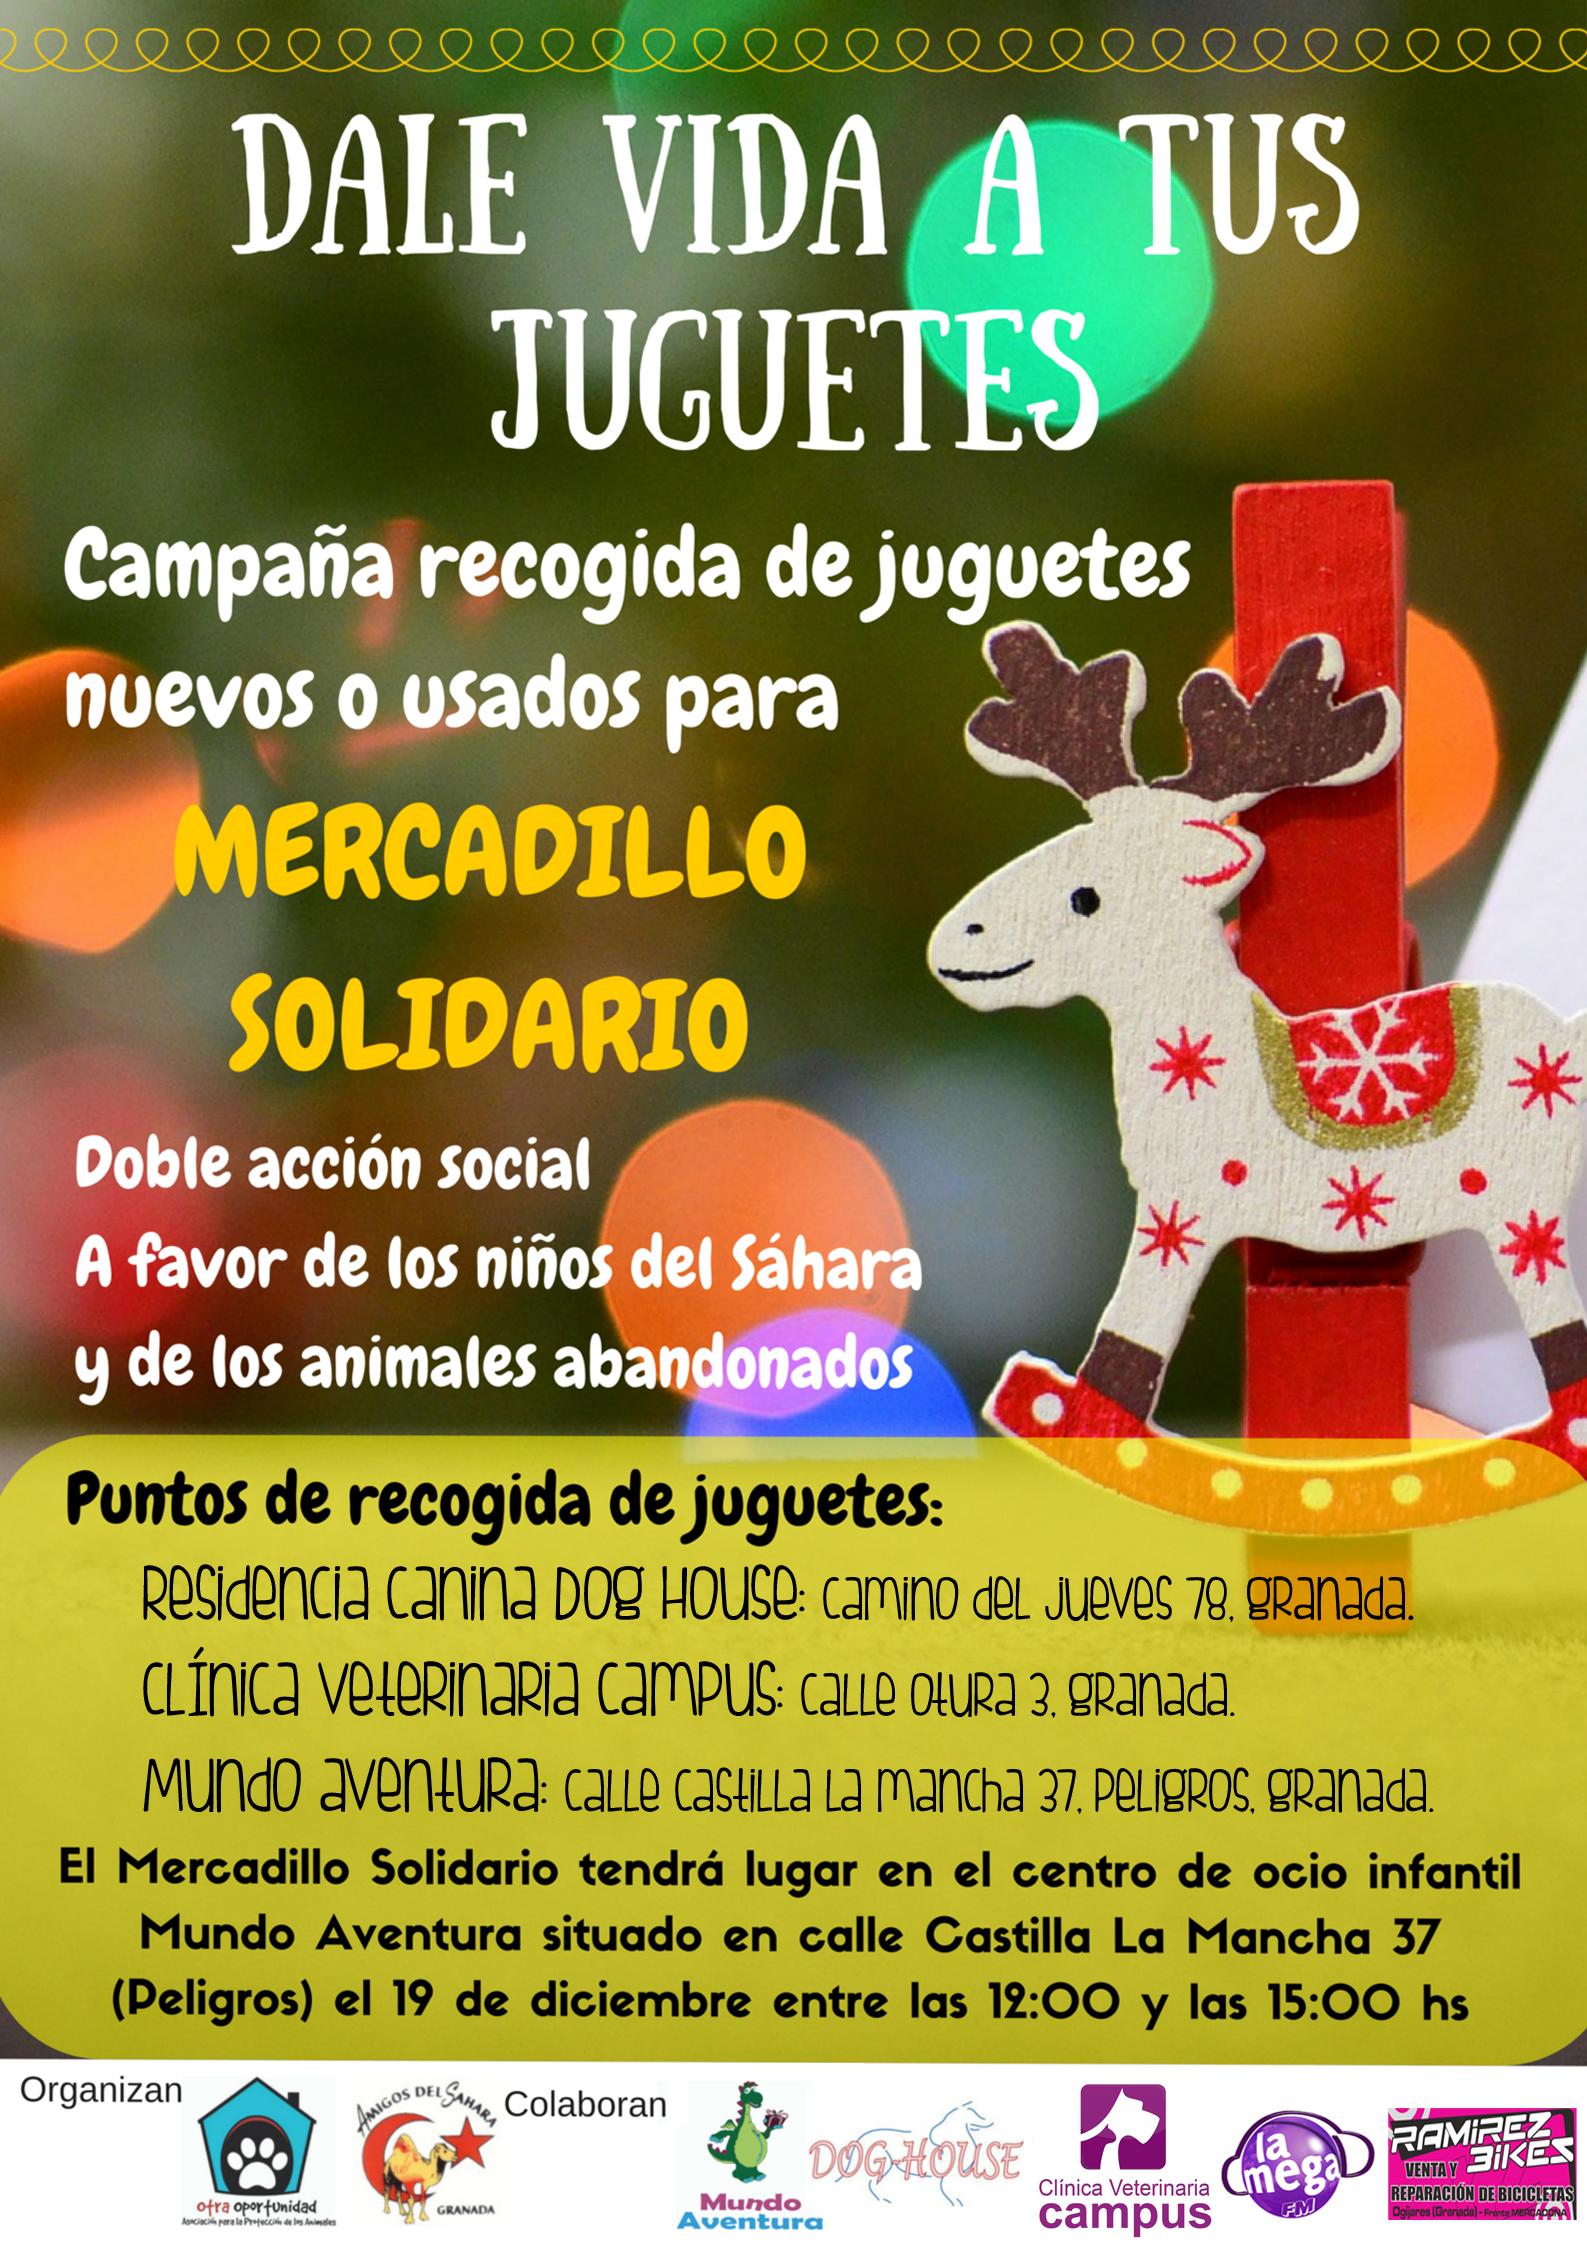 Recogida Dale Juguetes Tus Vida Para JuguetesCampaña De A kwZuTOPiX